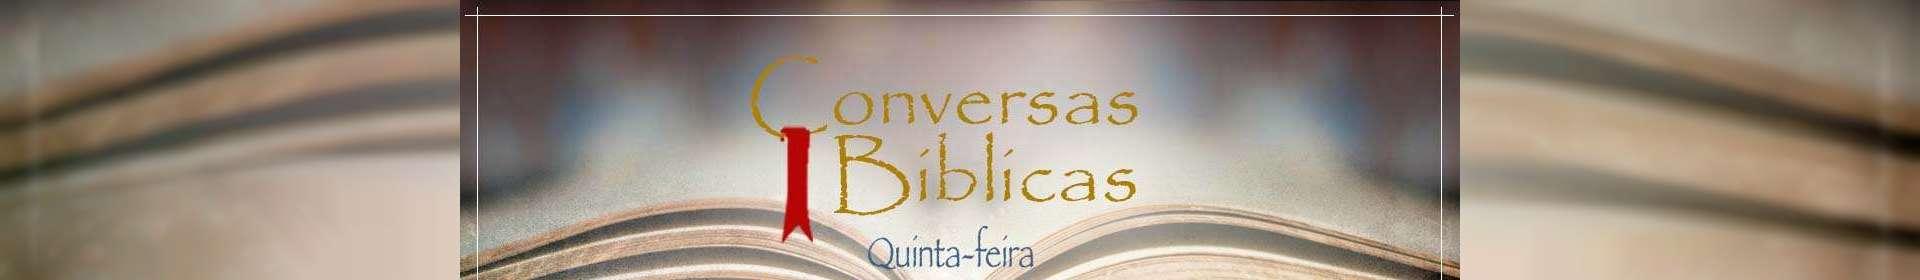 Conversas Bíblicas: Dízimo - Parte 2